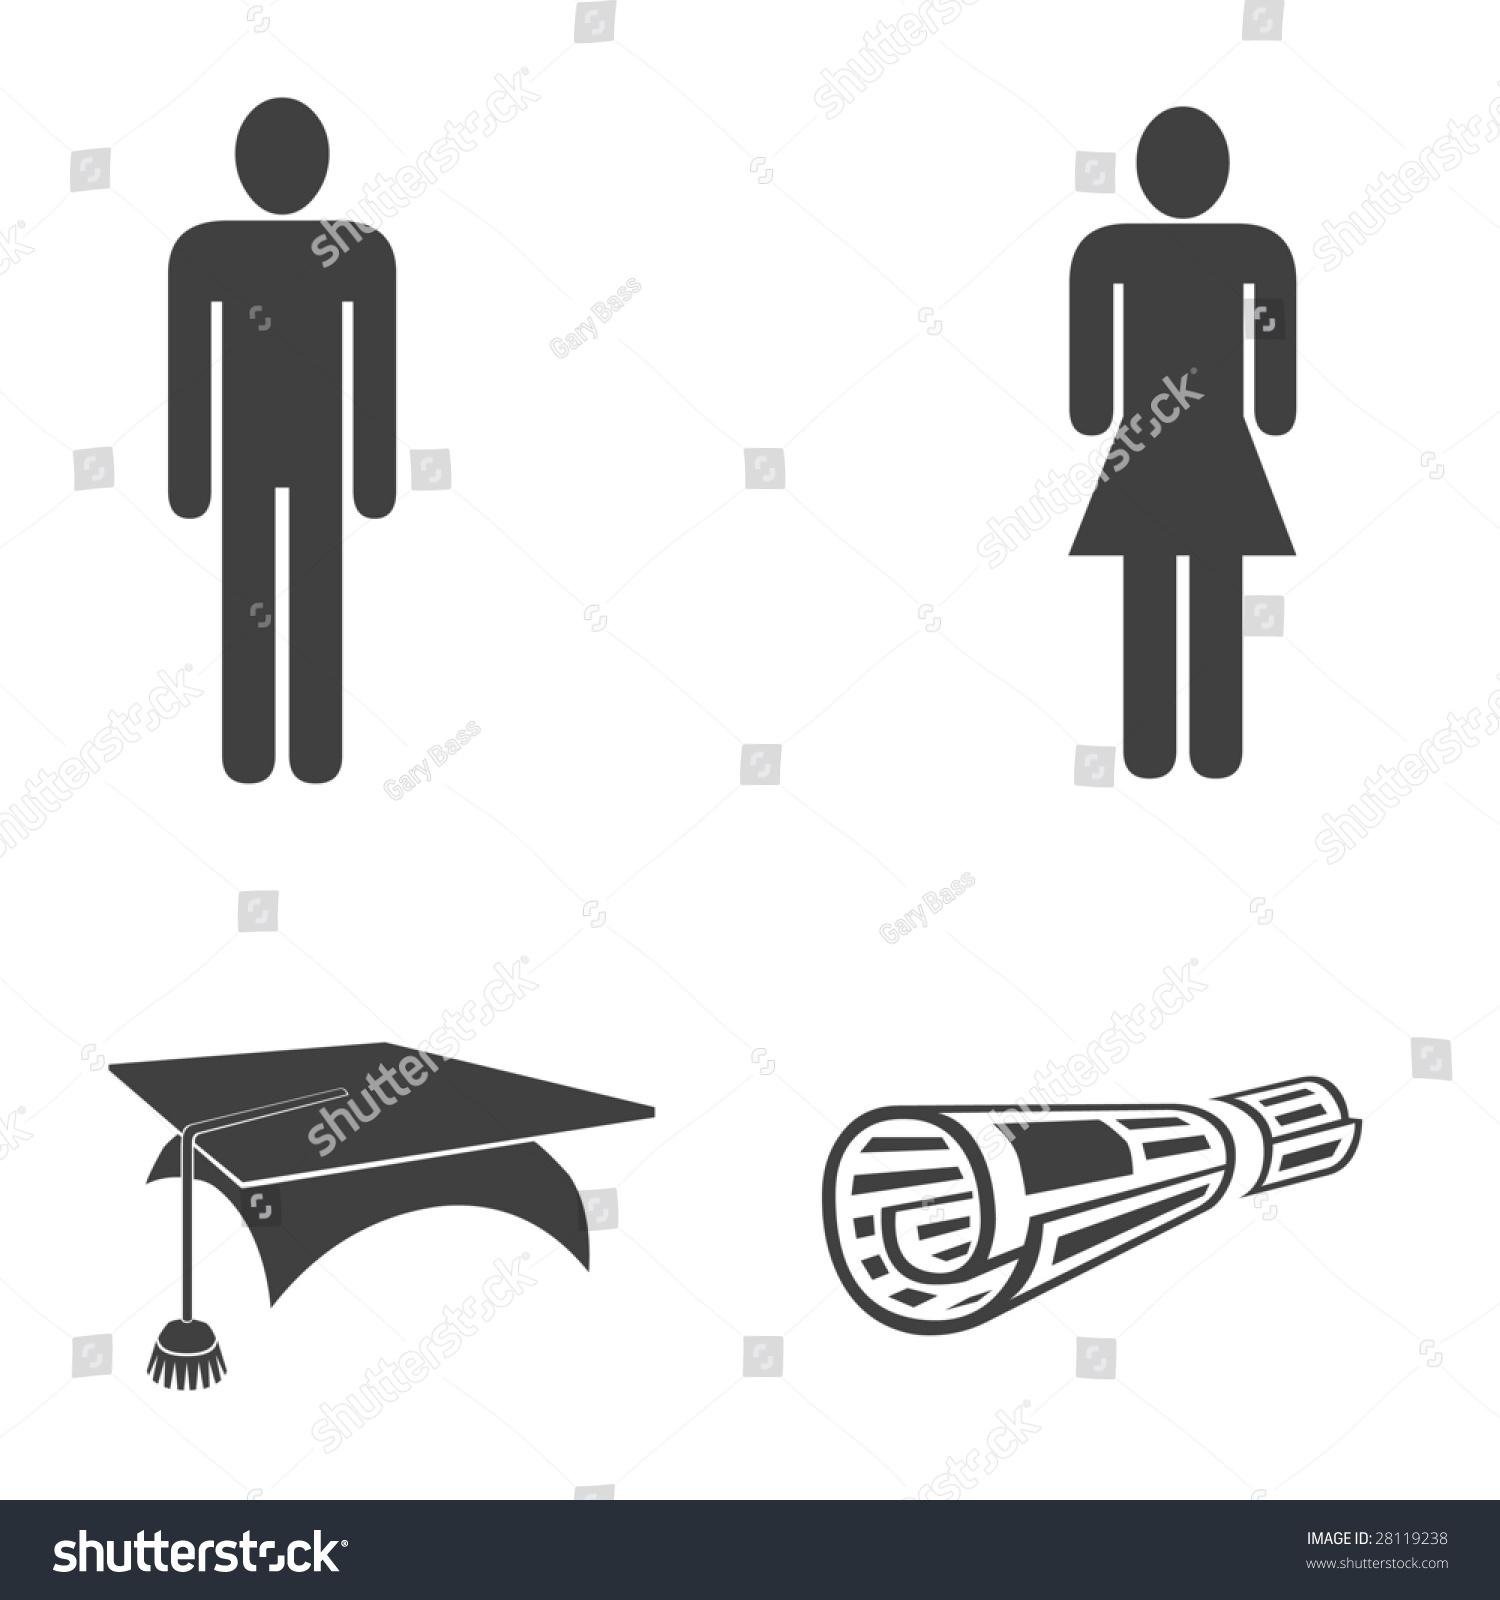 Graduation Symbols Stock Illustration 28119238 Shutterstock